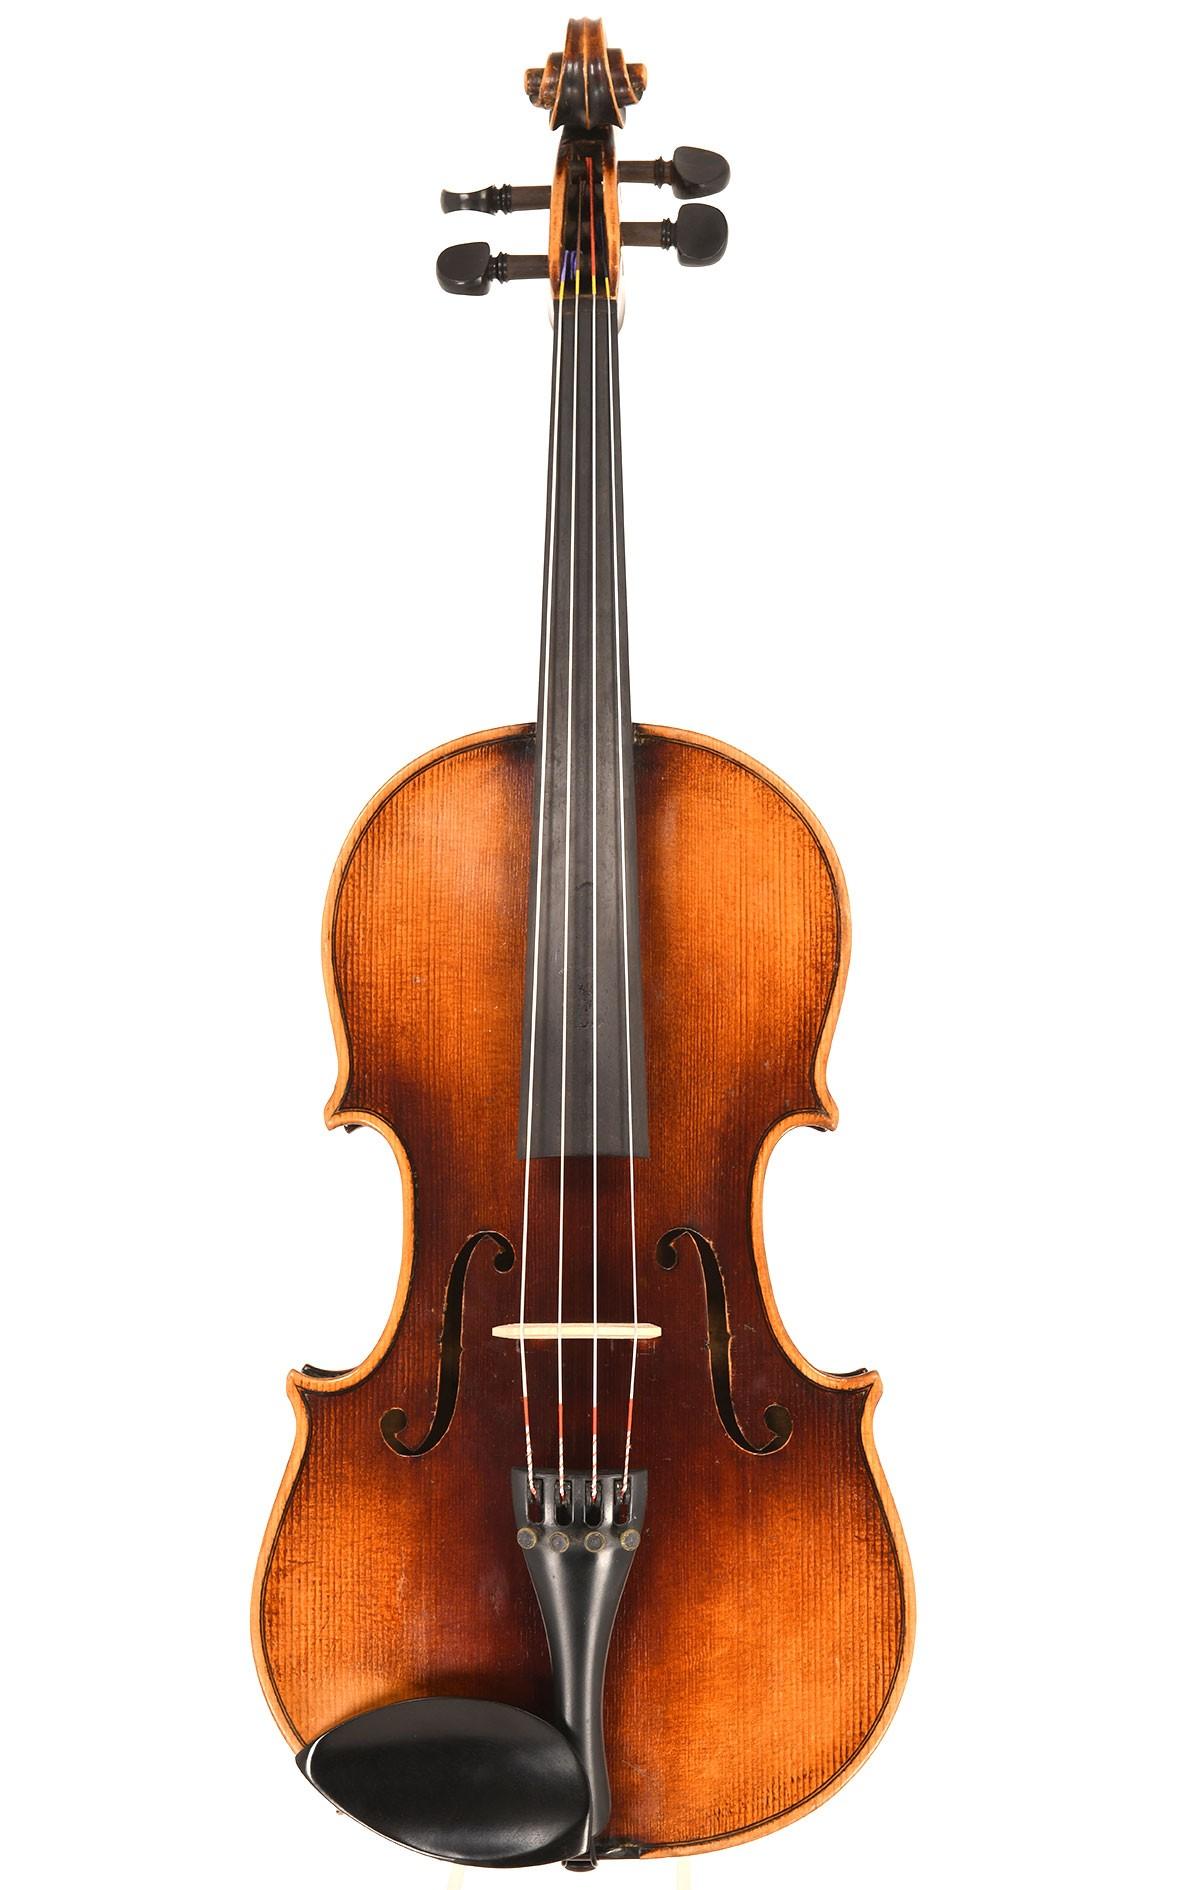 Markneukirchen viola by Max Brückner